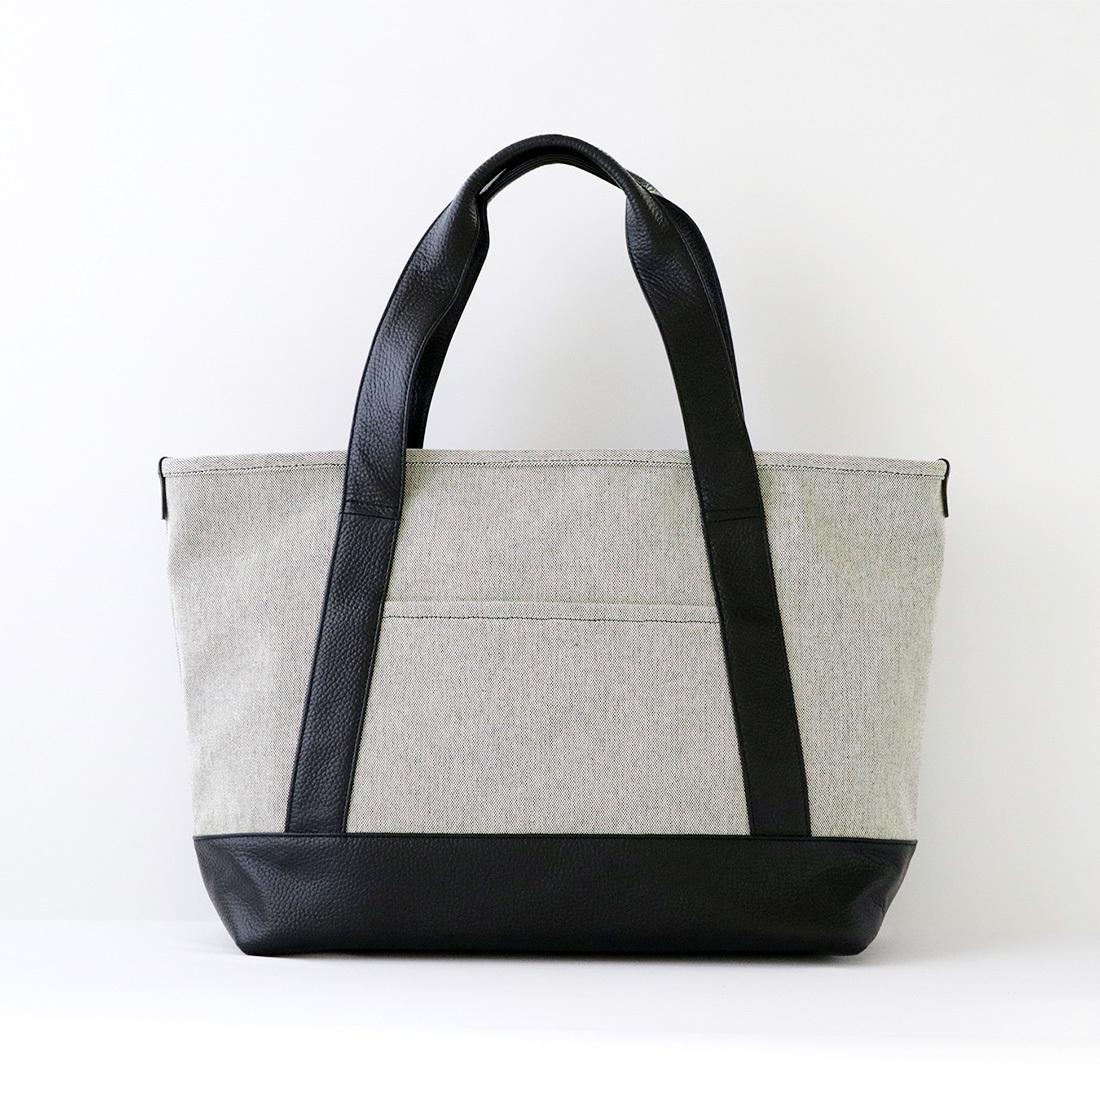 【最大2,000円クーポン】【MOHEIM】 TOTE BAG (Mサイズ / グレイシャンブレー) トートバッグ カバン 鞄 バッグ 手提げ 帆布 ユニセックス